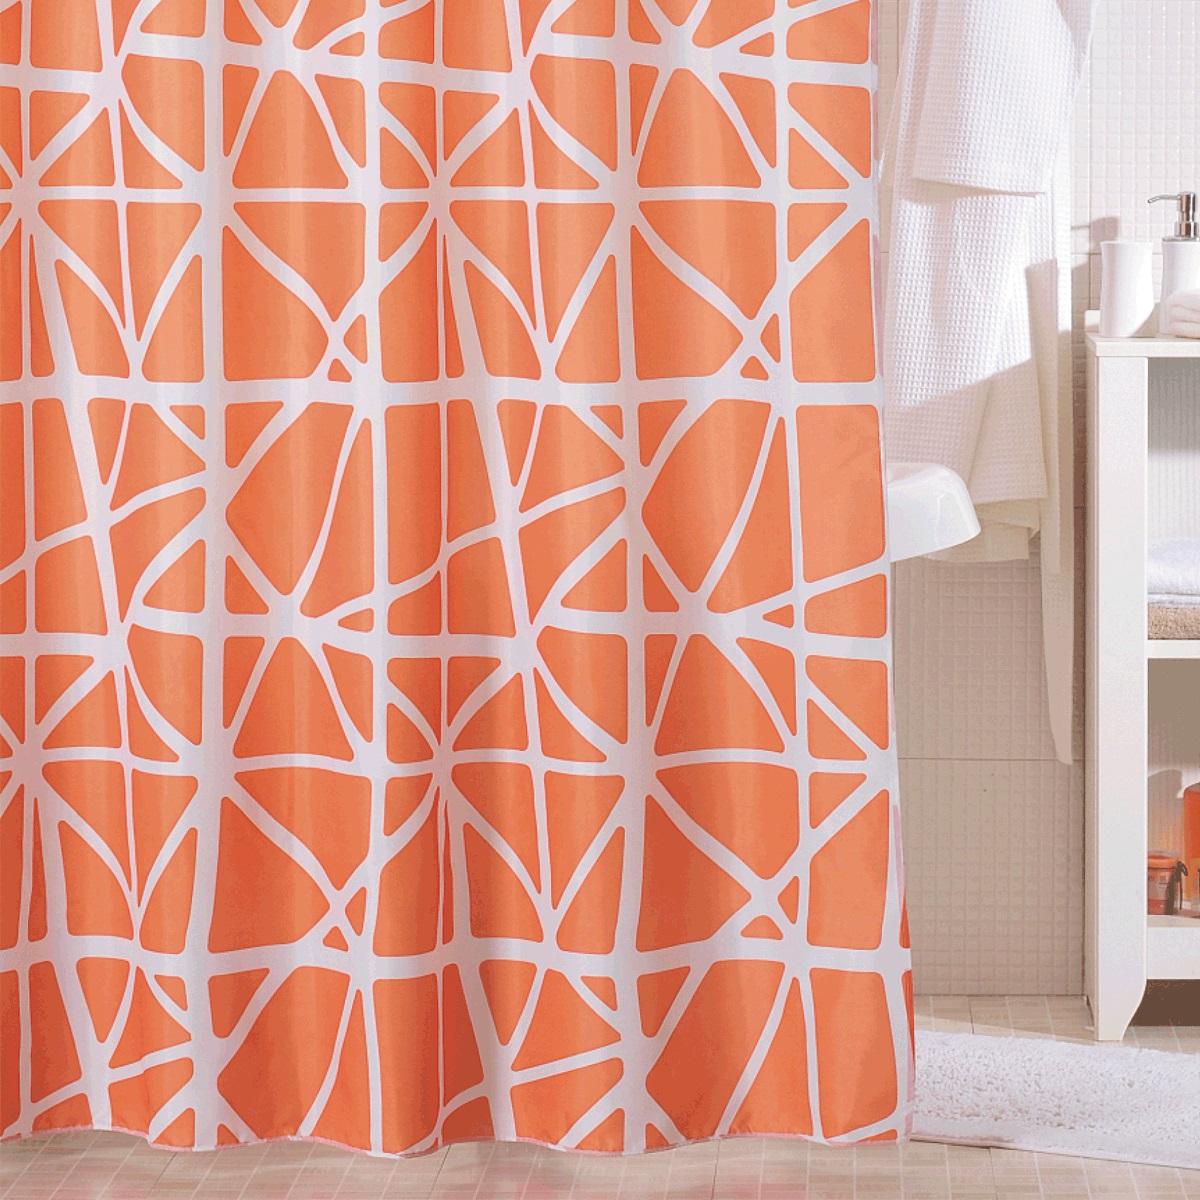 Штора для ванной Iddis Orange Nest, цвет: оранжевый, 200 x 200 см330P20RI11Штора для ванной комнаты Iddis выполнена из быстросохнущего материала - 100% полиэстера, что обеспечивает прочность изделия и легкость ухода за ним.Материал шторы пропитан специальным водоотталкивающим составом Waterprof.Изделие изготовлено из экологически-чистого материала, оно обладает высокой степенью гигиеничности, не вызывает аллергических реакций.Штора имеет 12 металлических люверсов. В комплекте: штора и кольца.